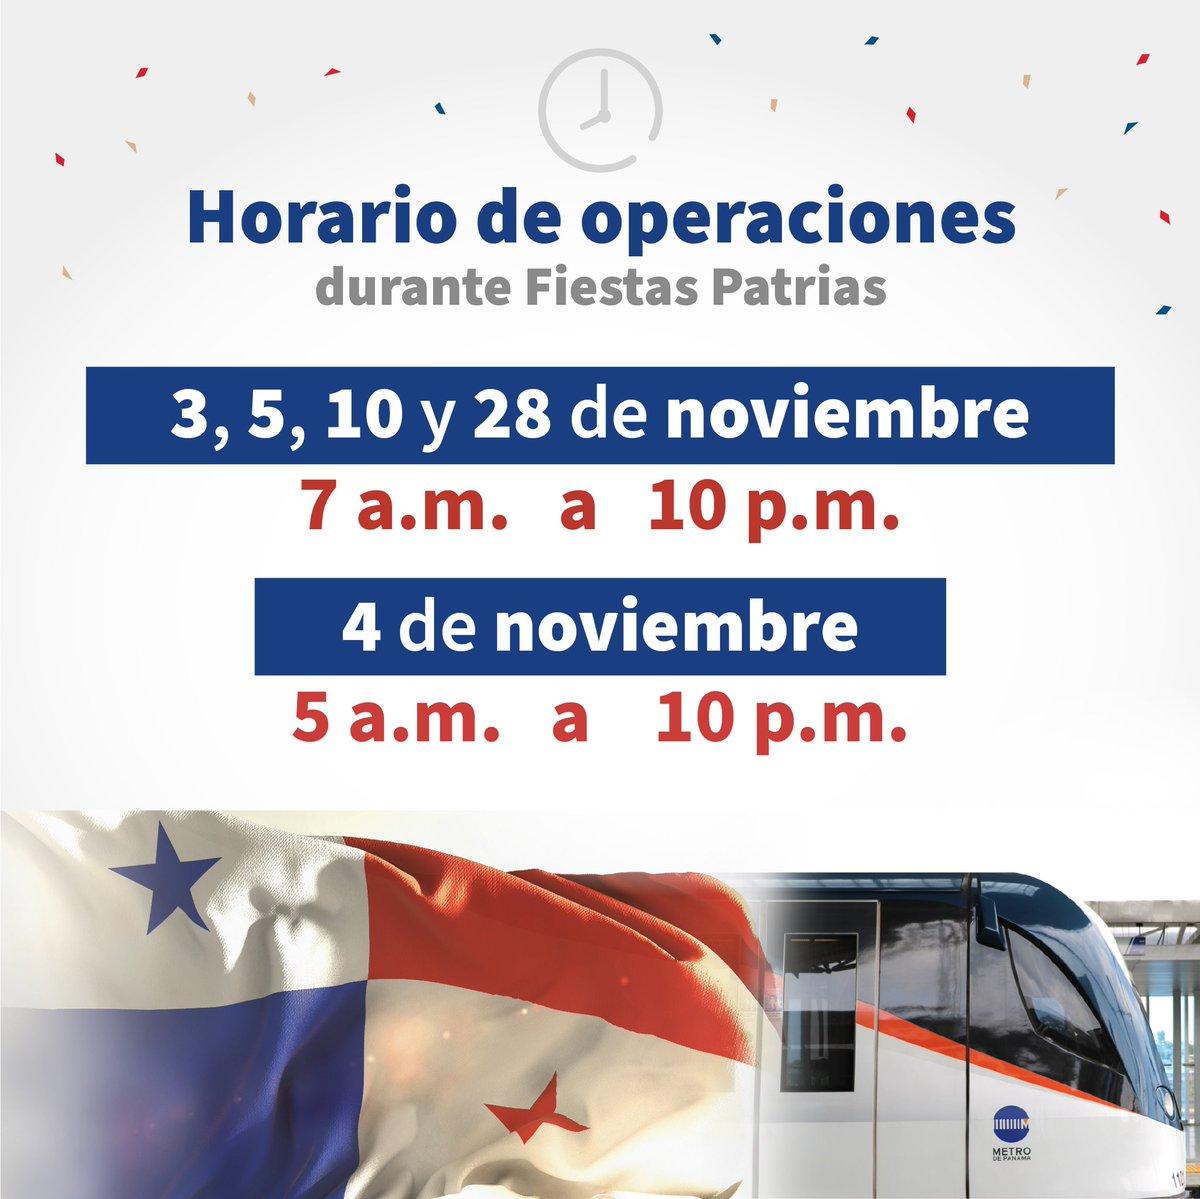 #MetroInforma compartimos nuestro horario de operaciones durante fiestas patrias 🇵🇦 Recuerda: no bajes la guardia, protégete del #COVID19 https://t.co/lztIB3IY2L